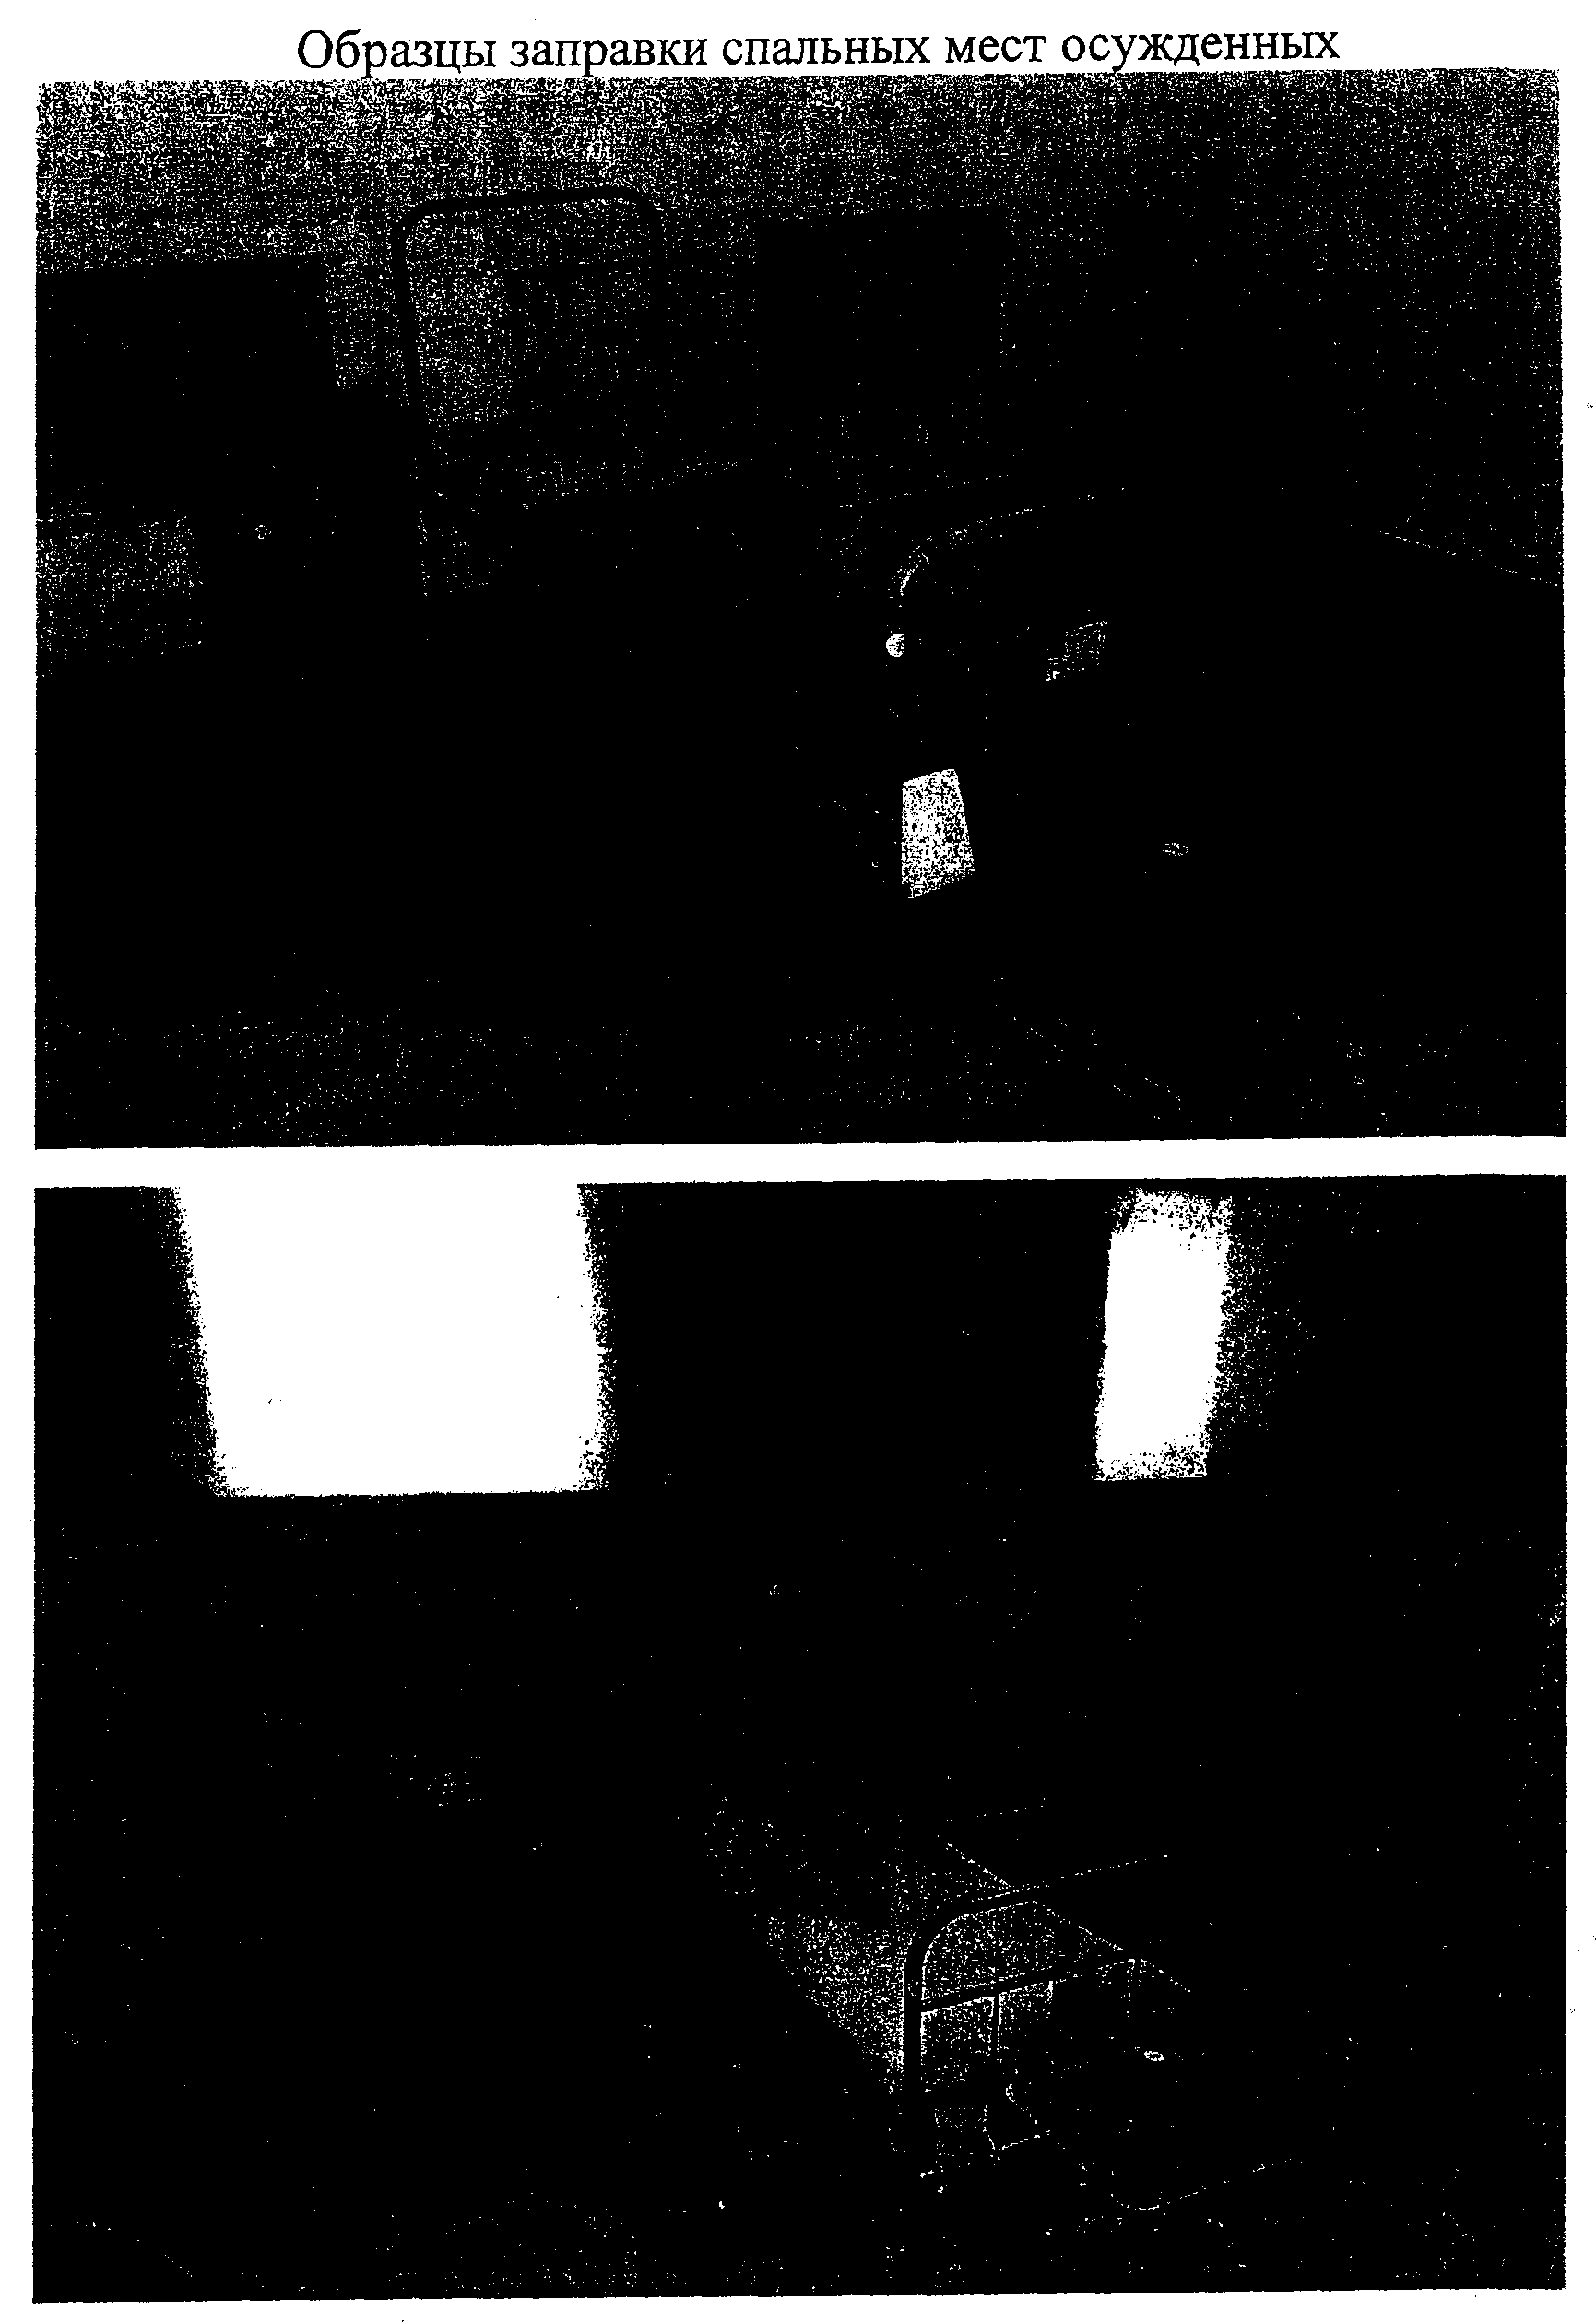 бланк заявления на посылку сизо 1